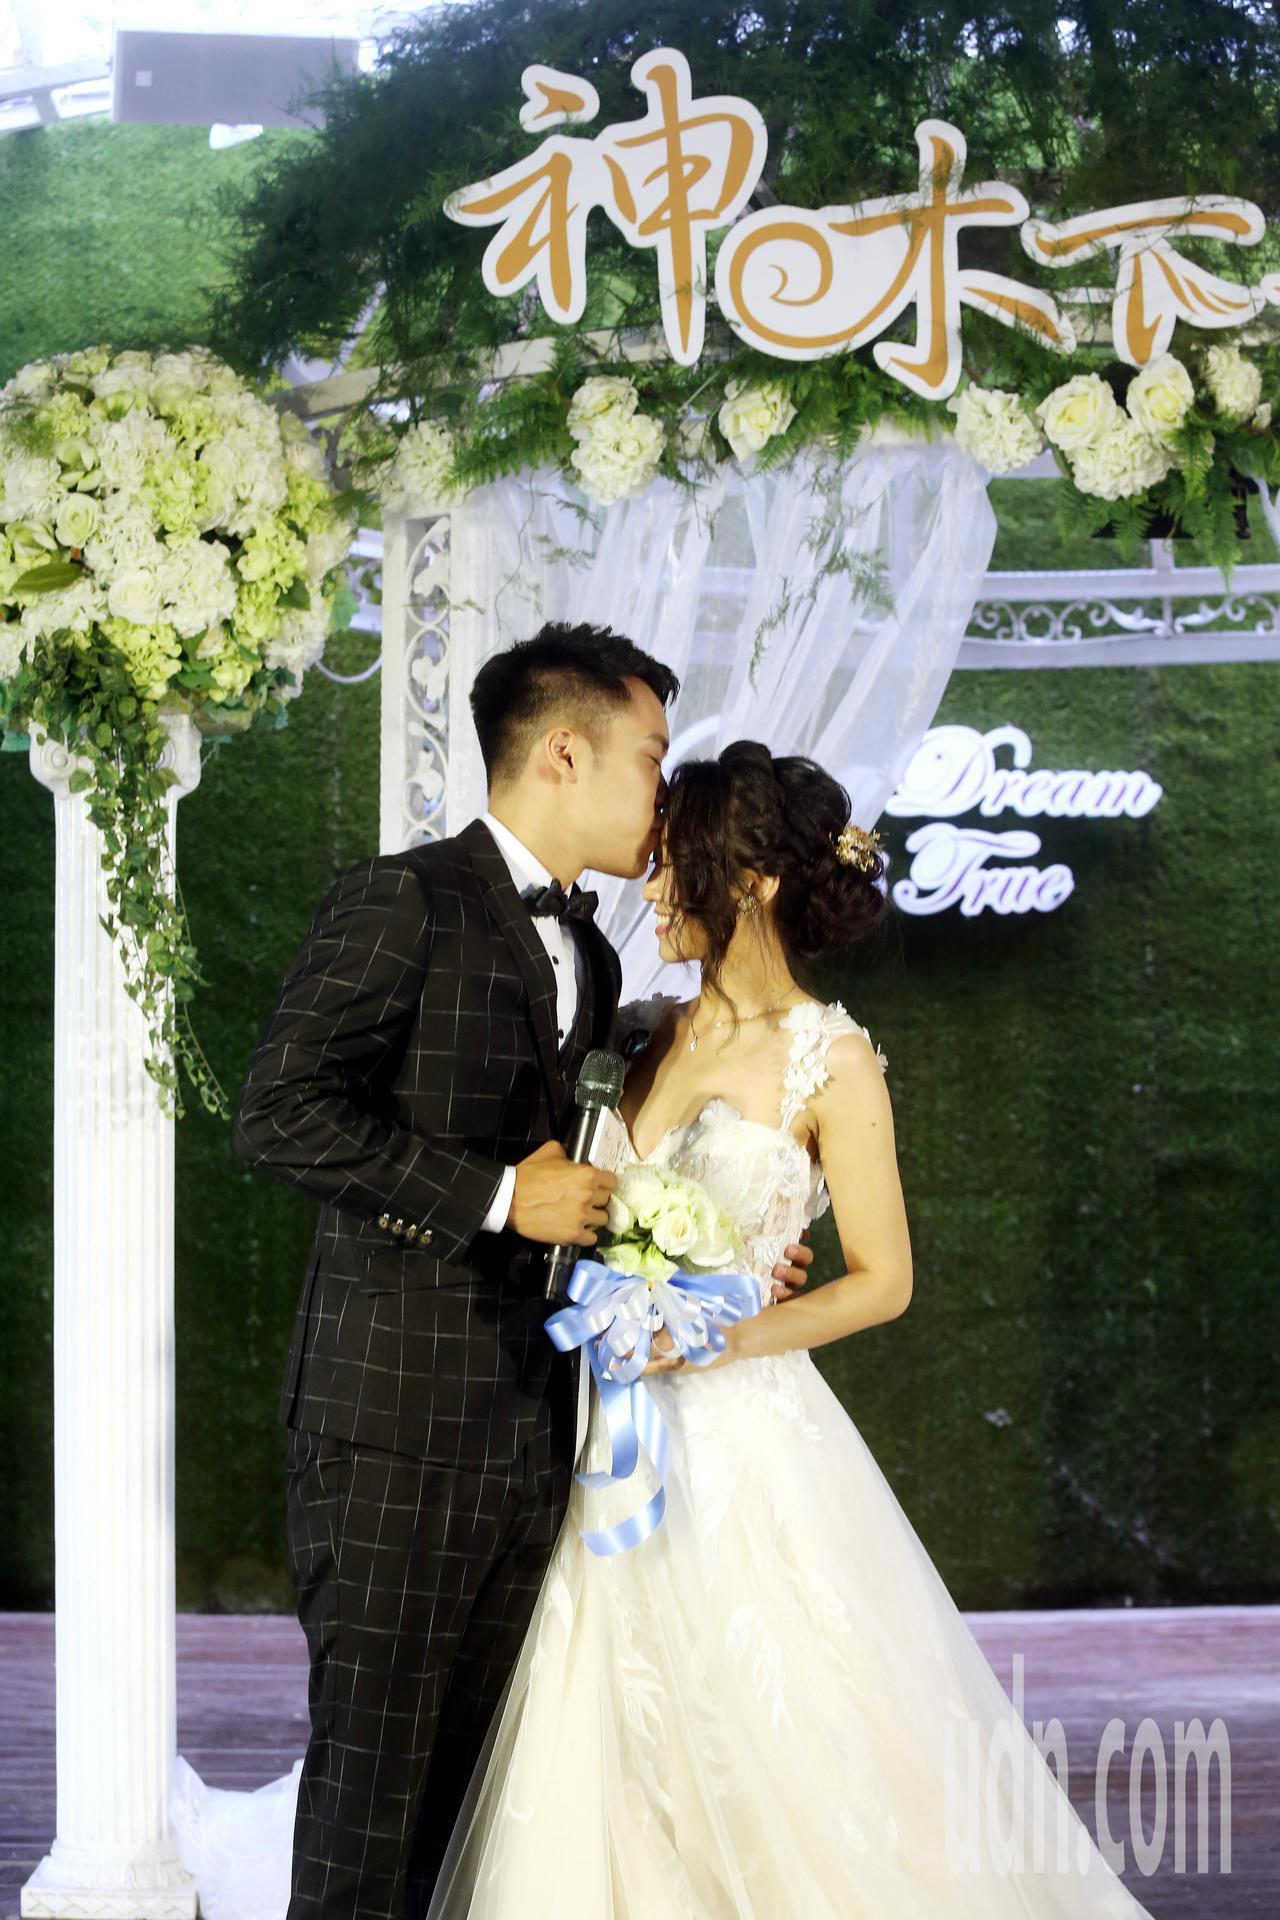 阿里山「神木下婚禮」邀請新人參加。記者邱德祥╱攝影